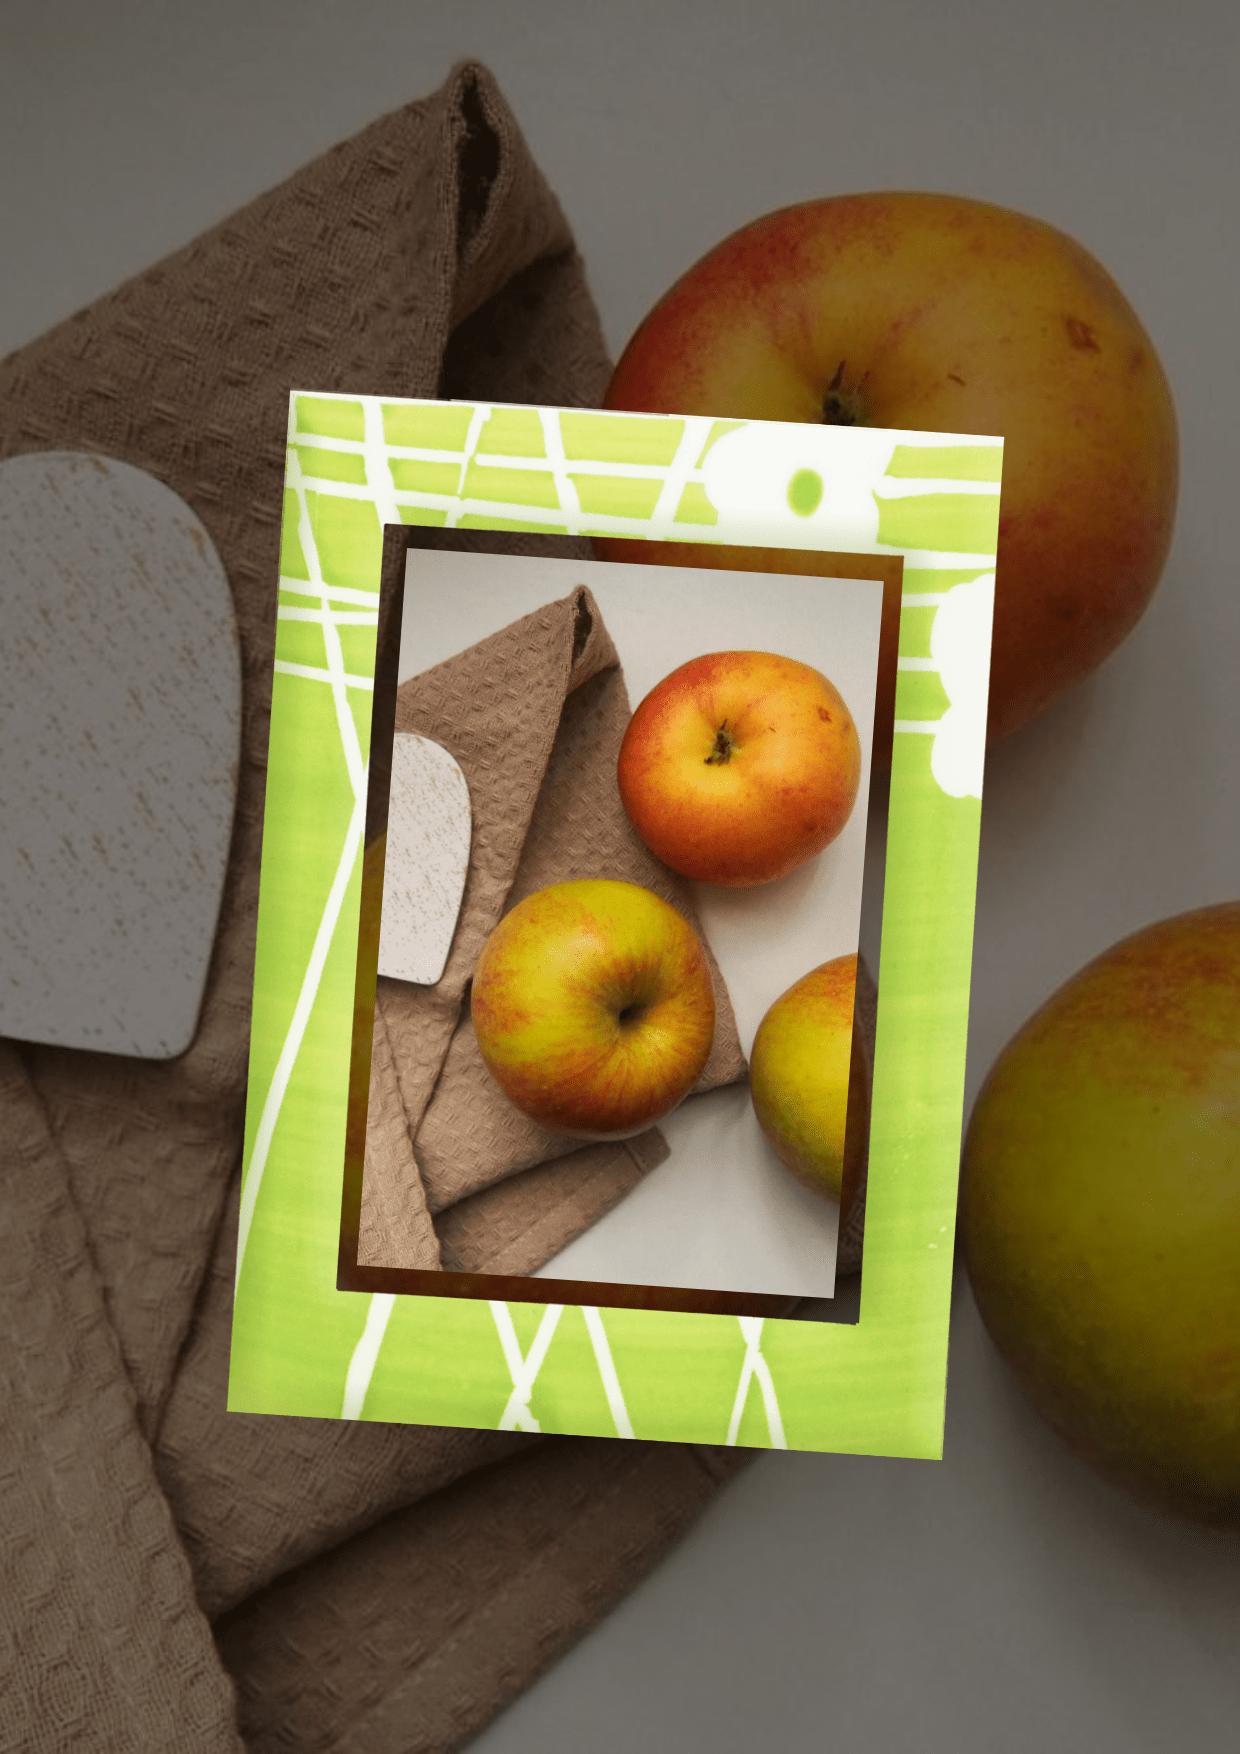 Food,                Plant,                Fruit,                Produce,                Land,                Mockup,                Frame,                Image,                Avatar,                Black,                Yellow,                 Free Image